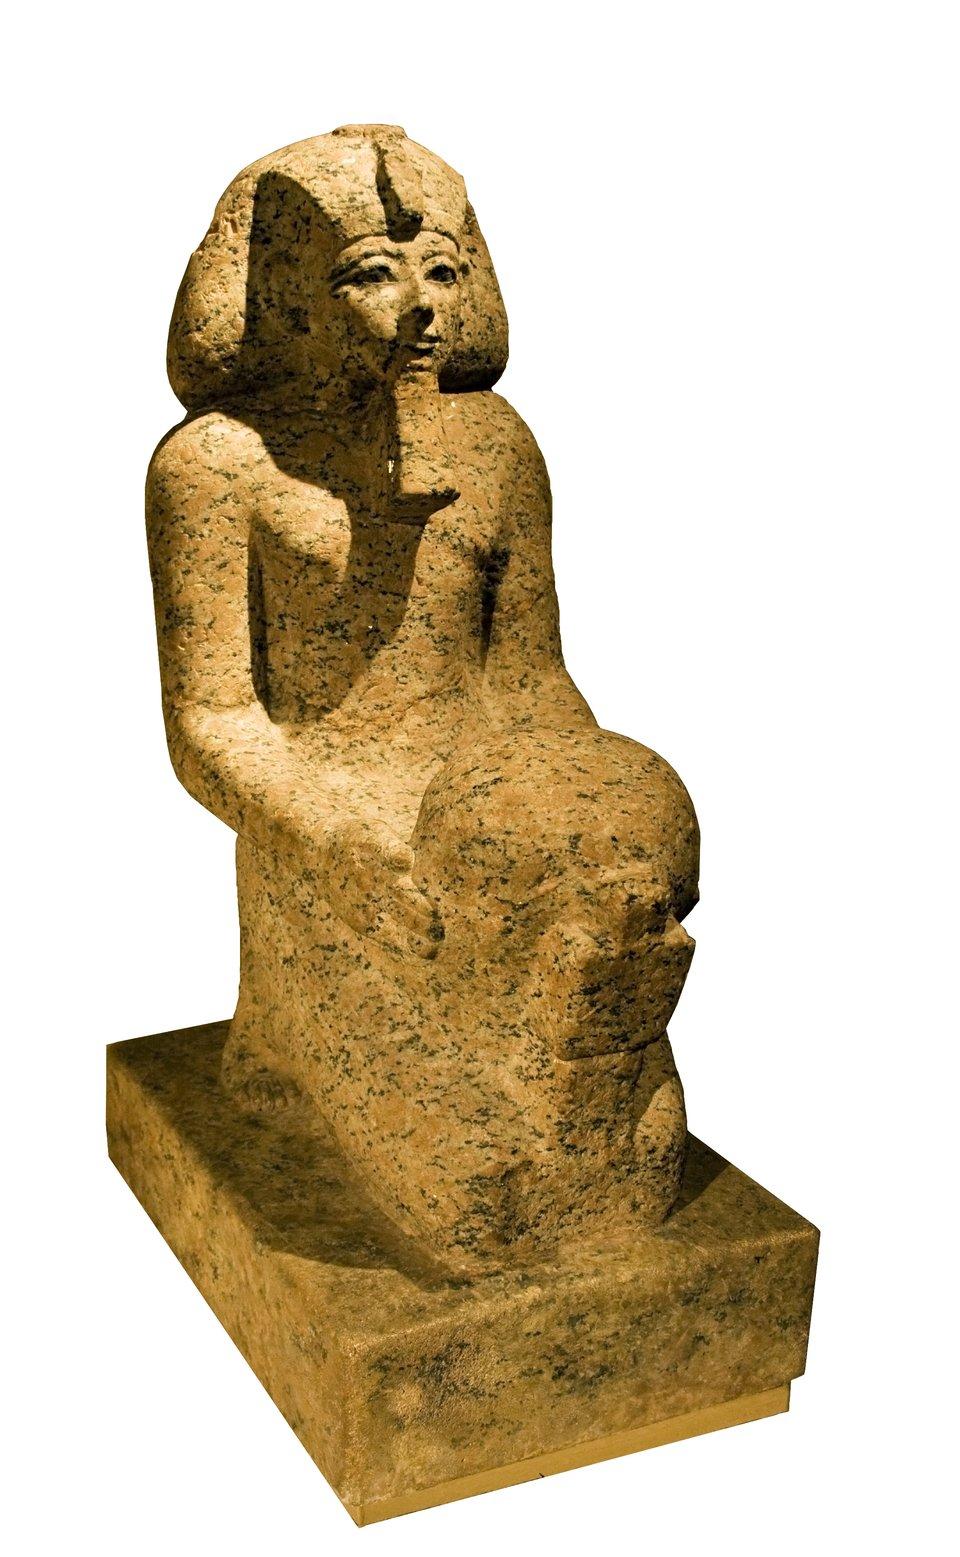 Posąg Hatszepsut, przechowywany obecnie wNowym Muzeum wBerlinie Posąg Hatszepsut, przechowywany obecnie wNowym Muzeum wBerlinie Źródło: domena publiczna.